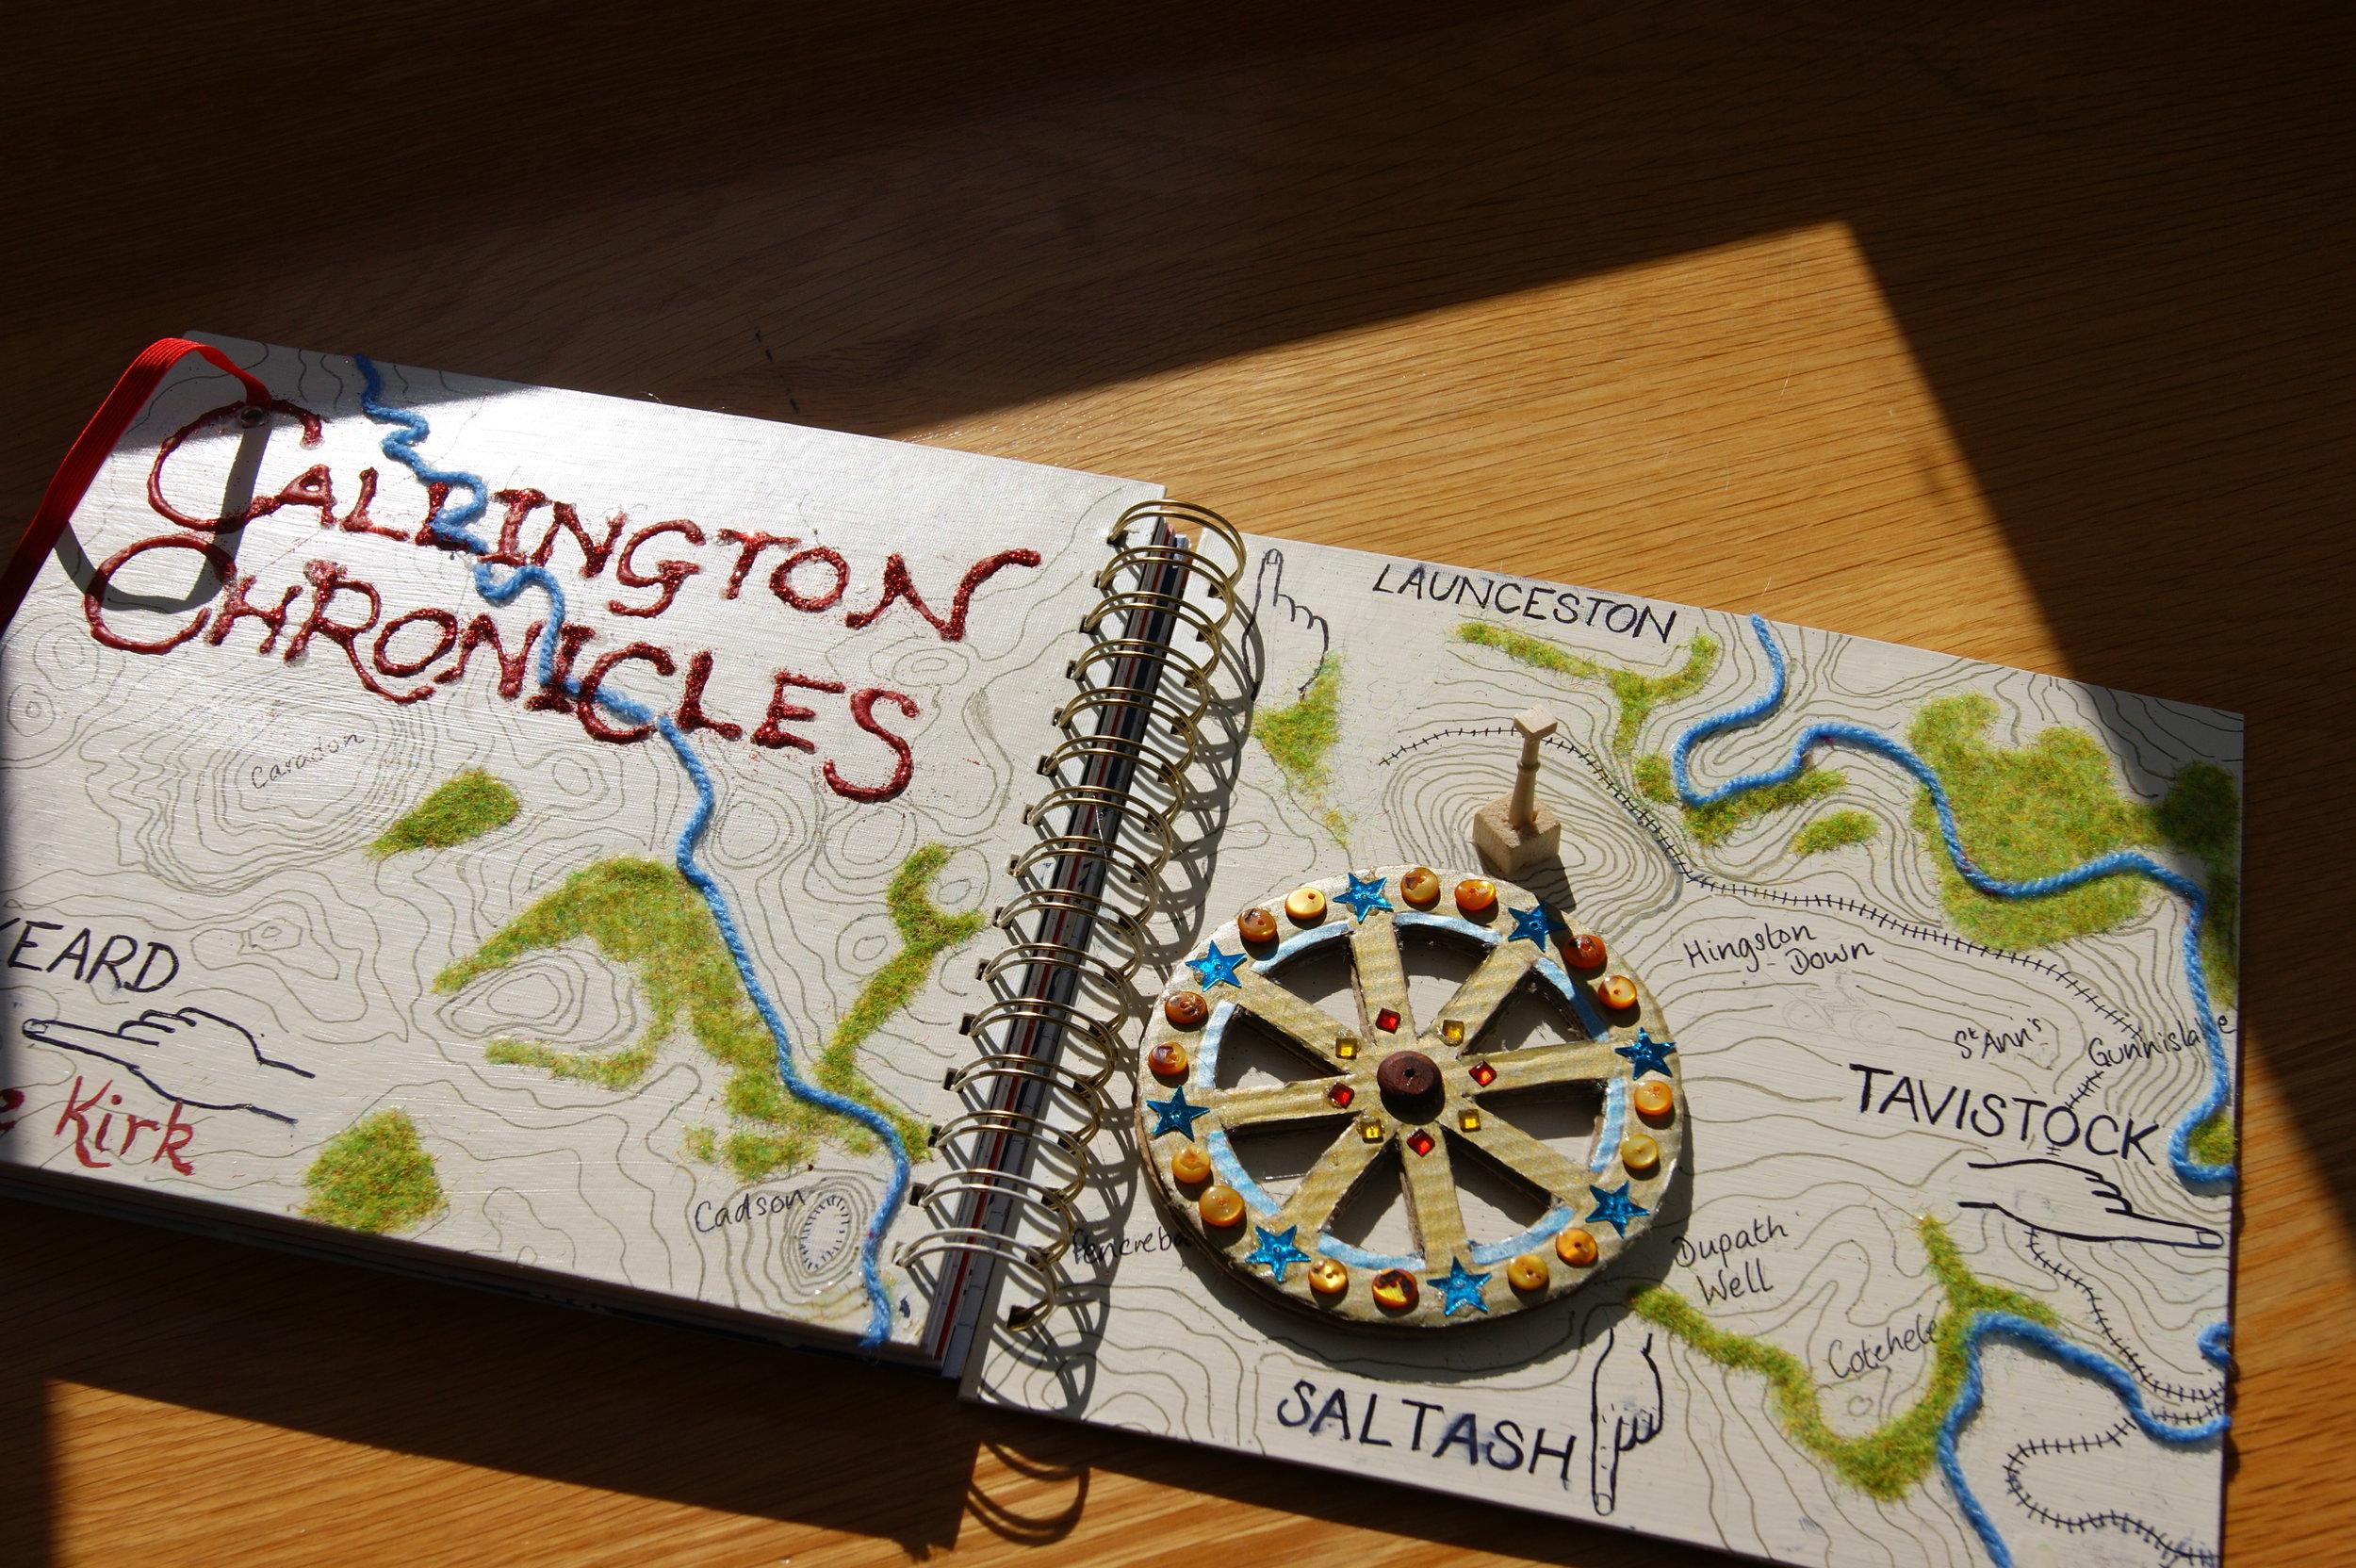 Callington Chronicles.JPG